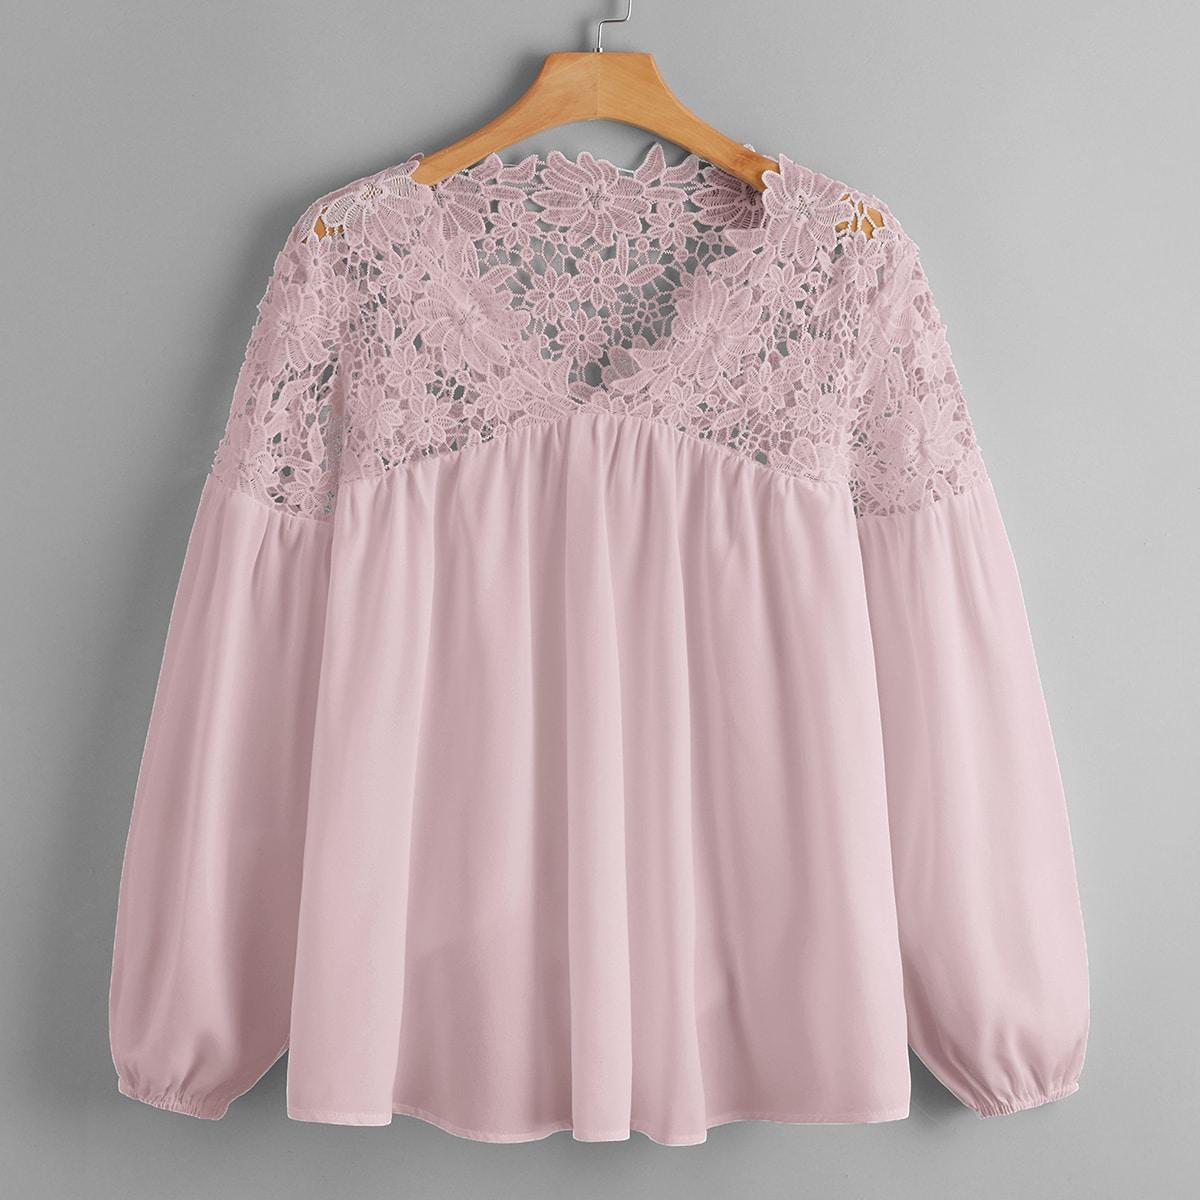 Блузка размера плюс с кружевной отделкой